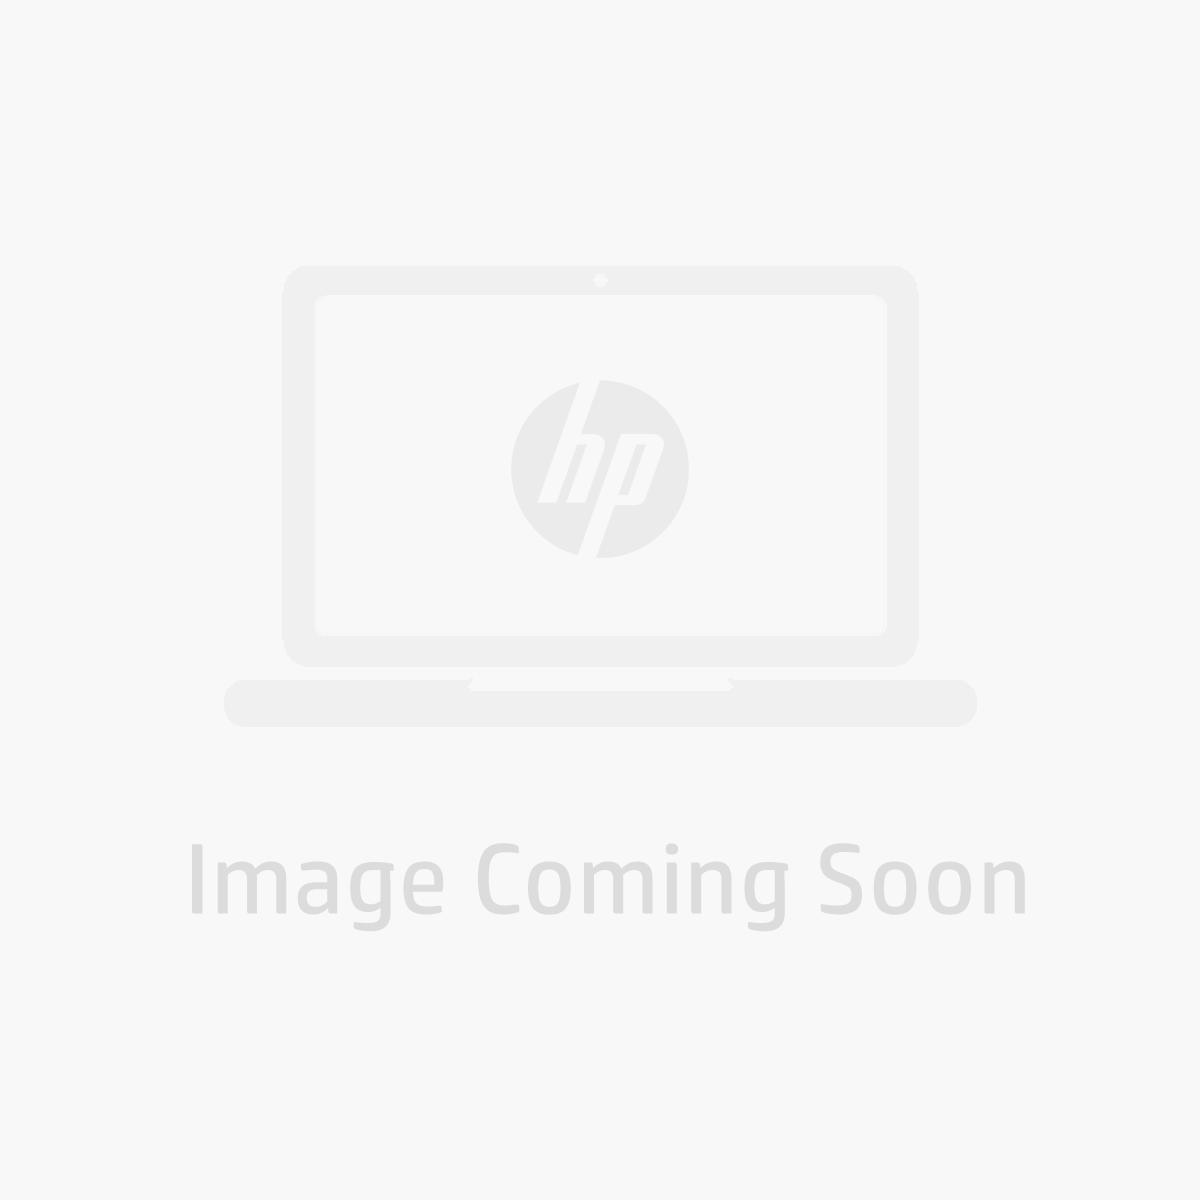 HP 85A Dual Pack Black Original LaserJet Toner Cartridges